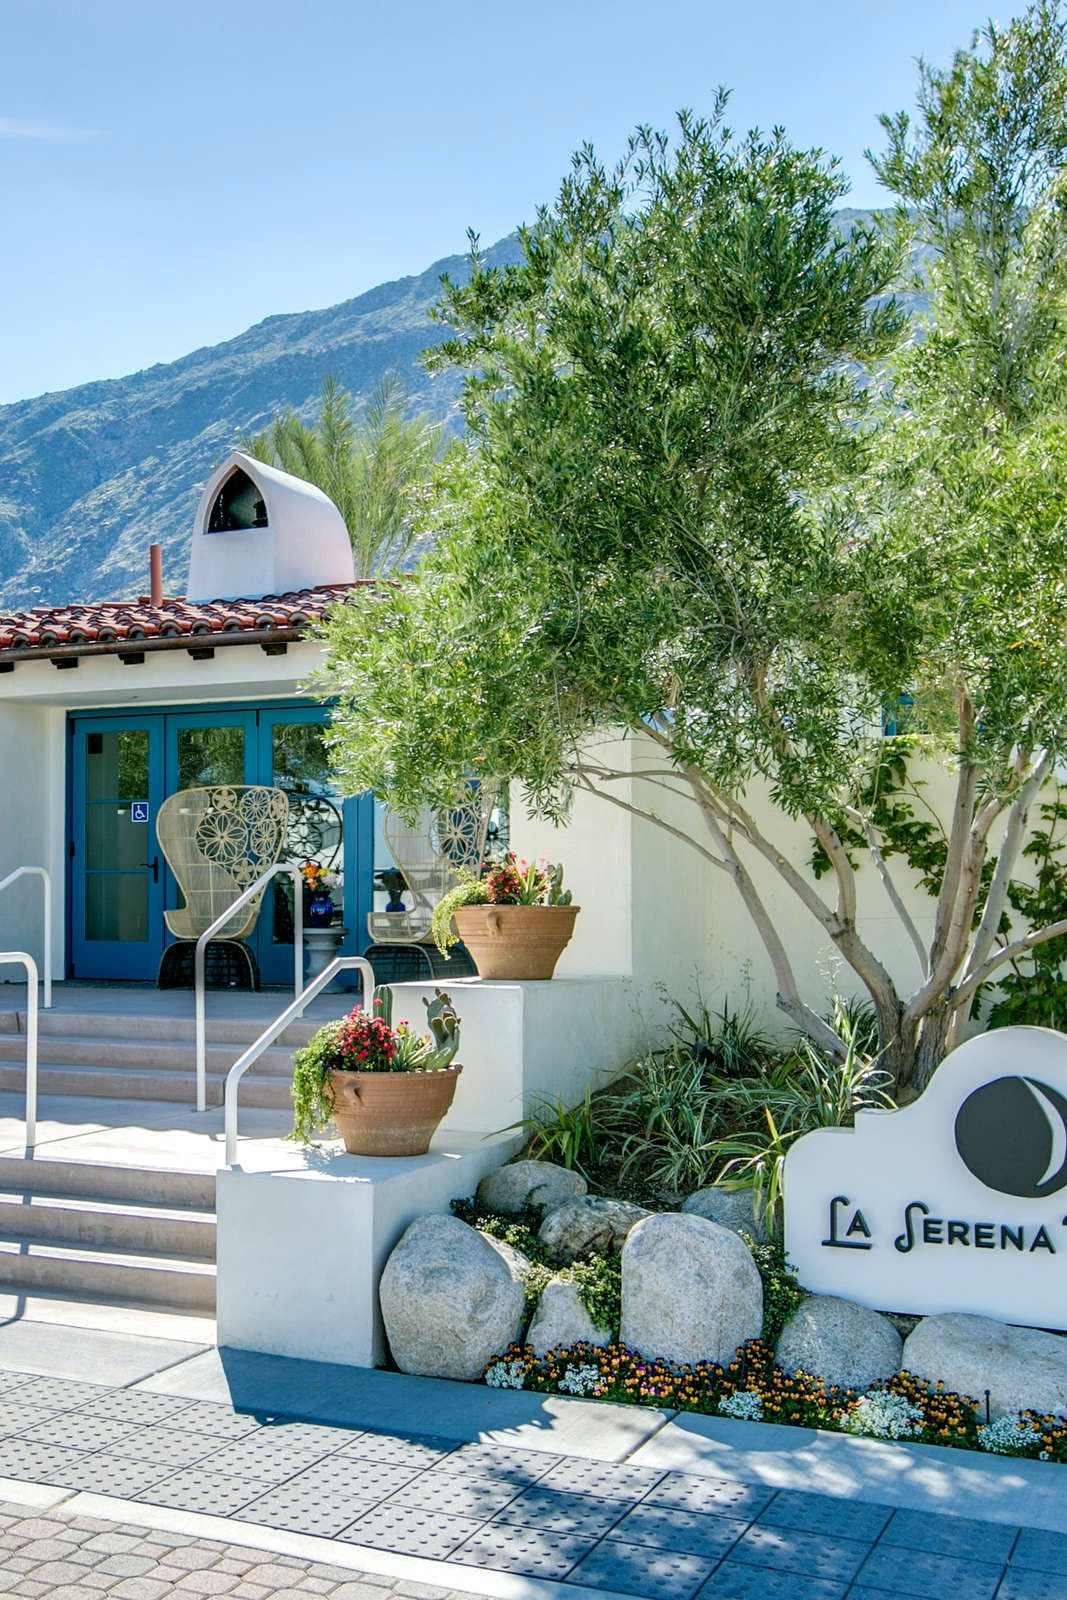 La Serena Villas - Presidential Suite